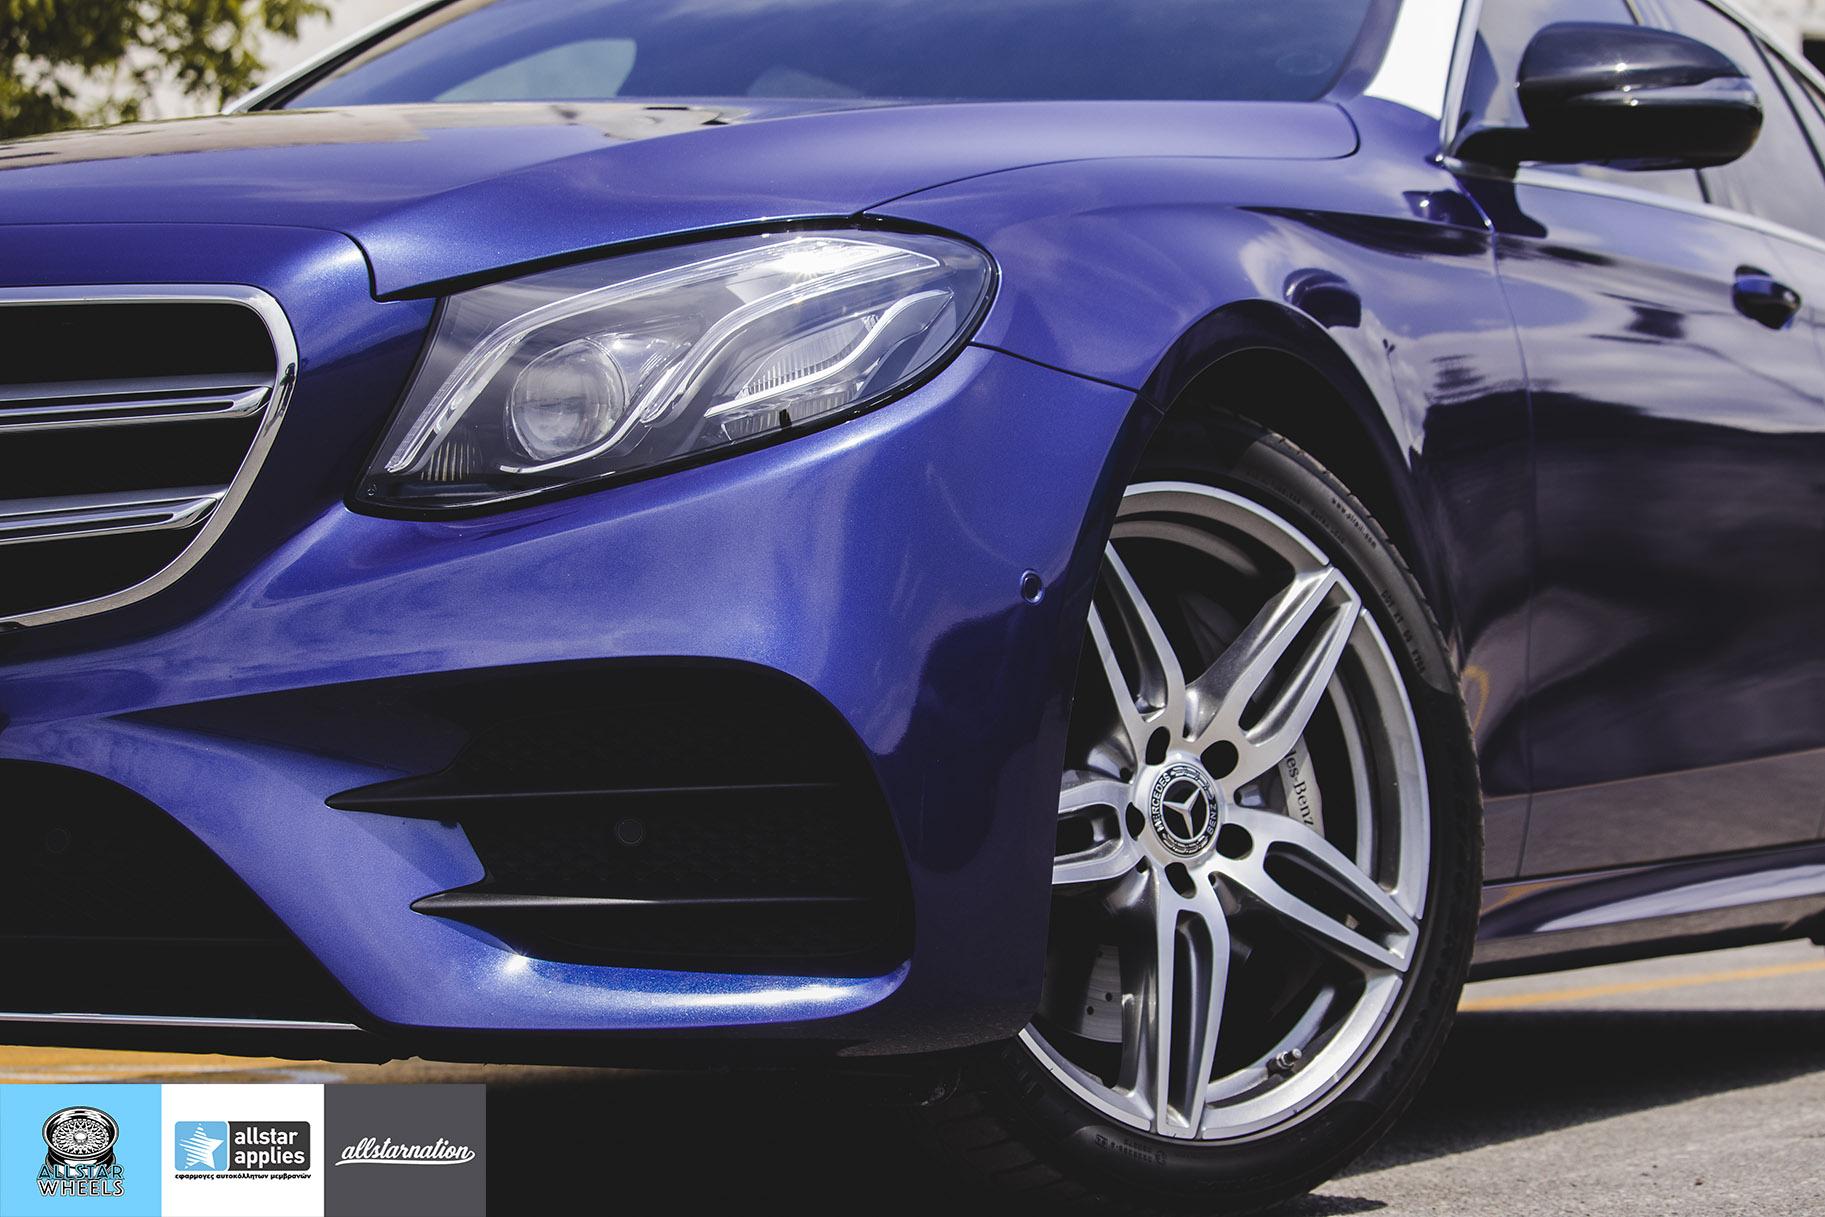 Αυτοκόλλητα αλλαγής χρώματος σε Mecedes Benz E Class AMG | Allstar Applies | Θεσσαλονίκη